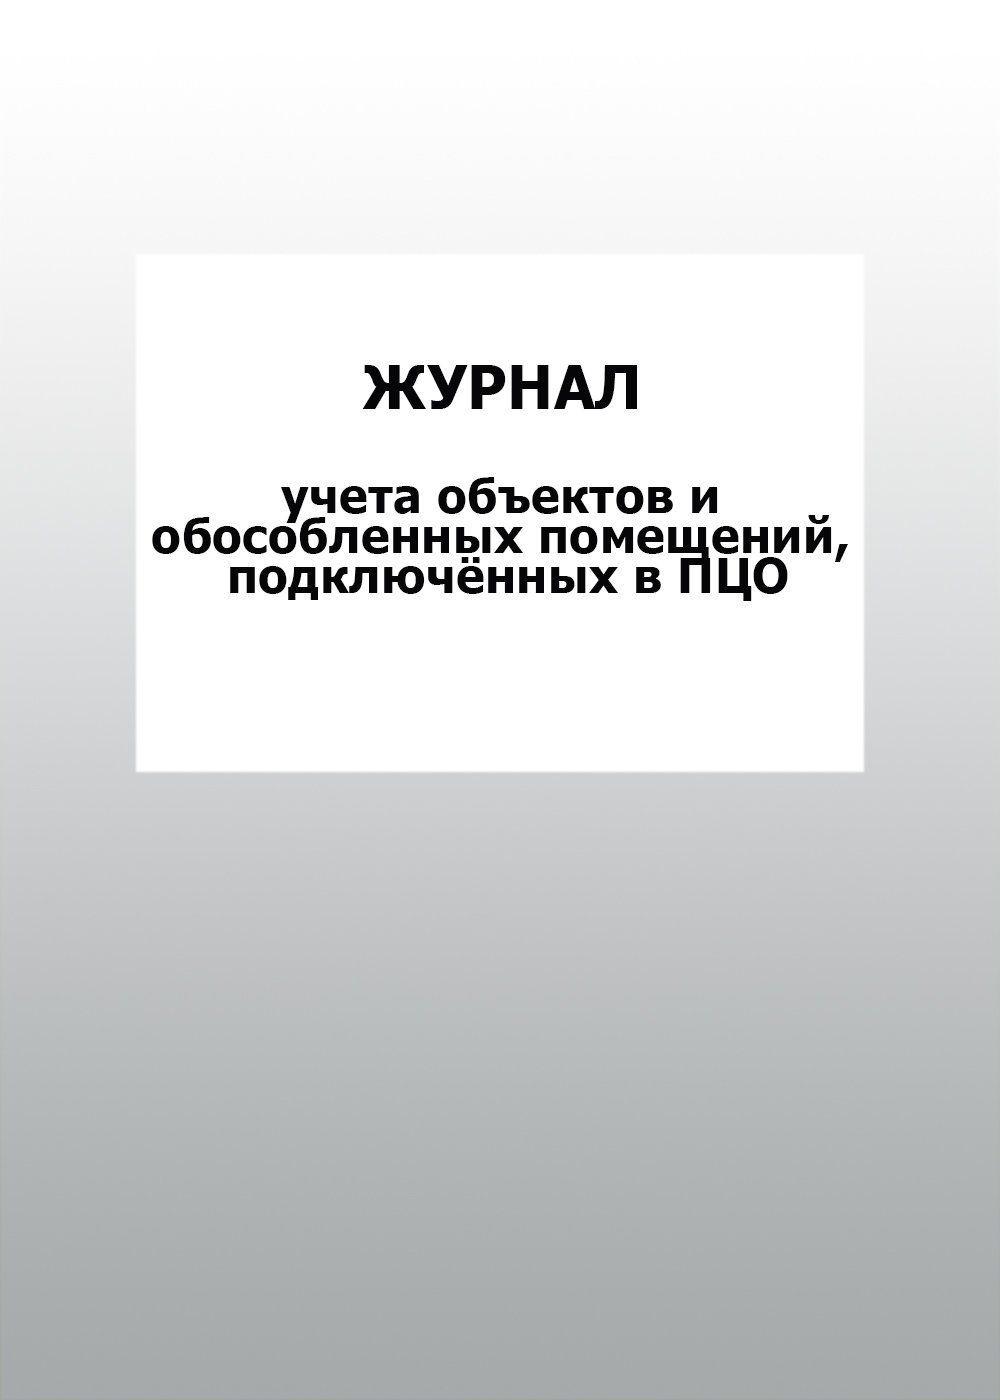 Журнал учета объектов и обособленных помещений, подключённых в ПЦО: упаковка 100 шт.